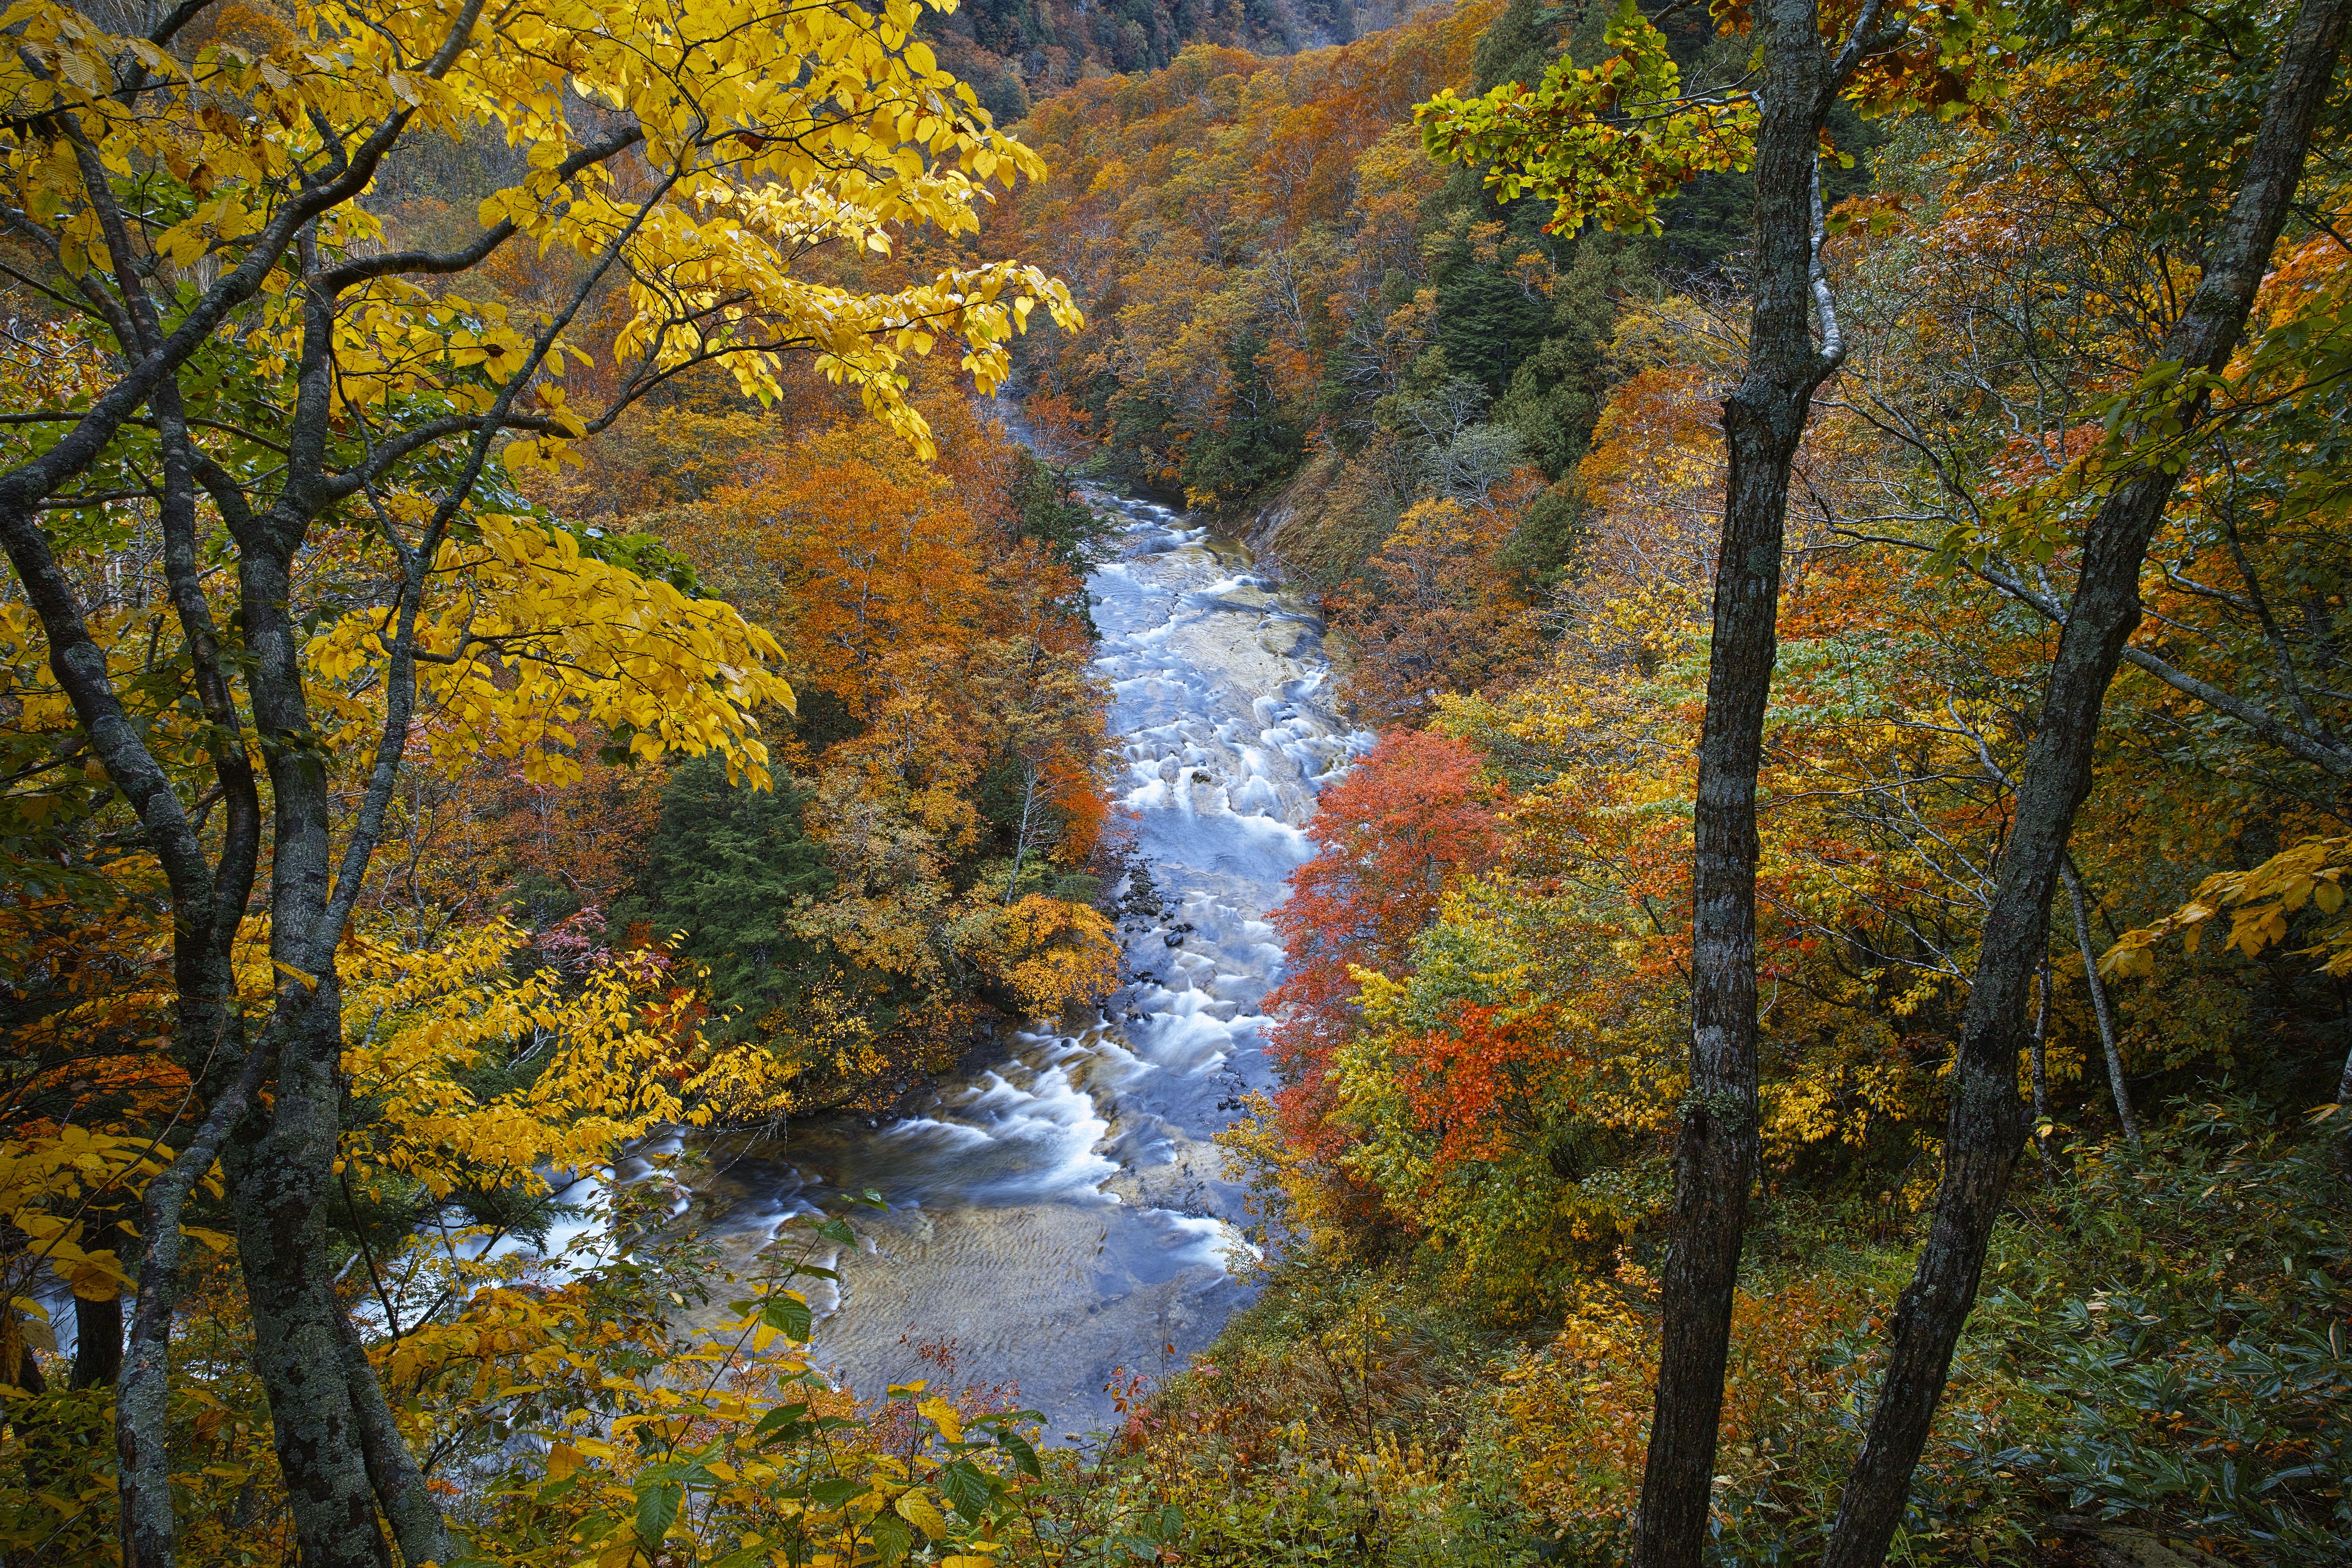 秋の奥志賀渓谷(Okushiga Valley